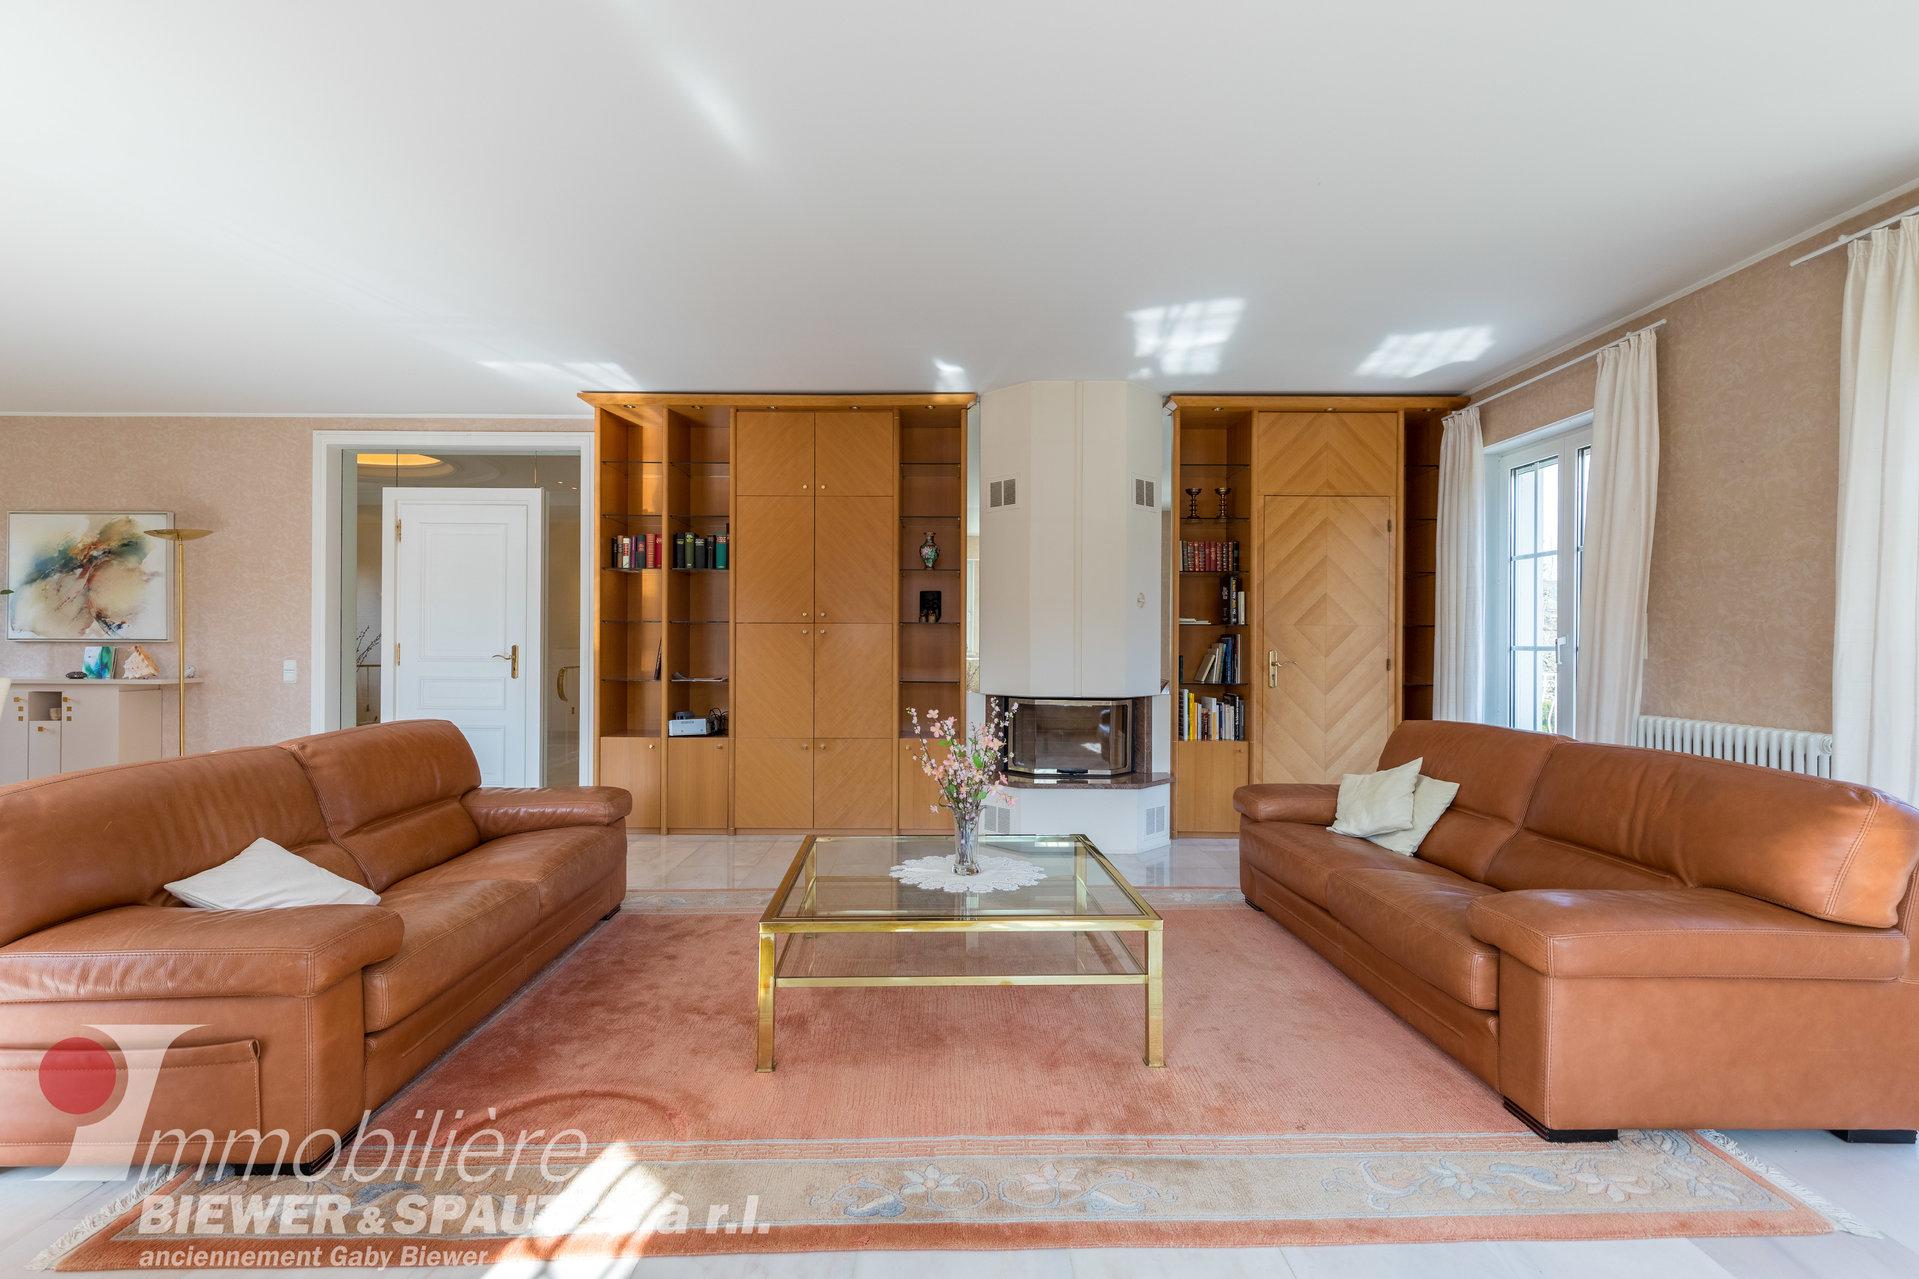 UNTER VORVERKAUFSVERTRAG - Architekten-Villa in Echternach